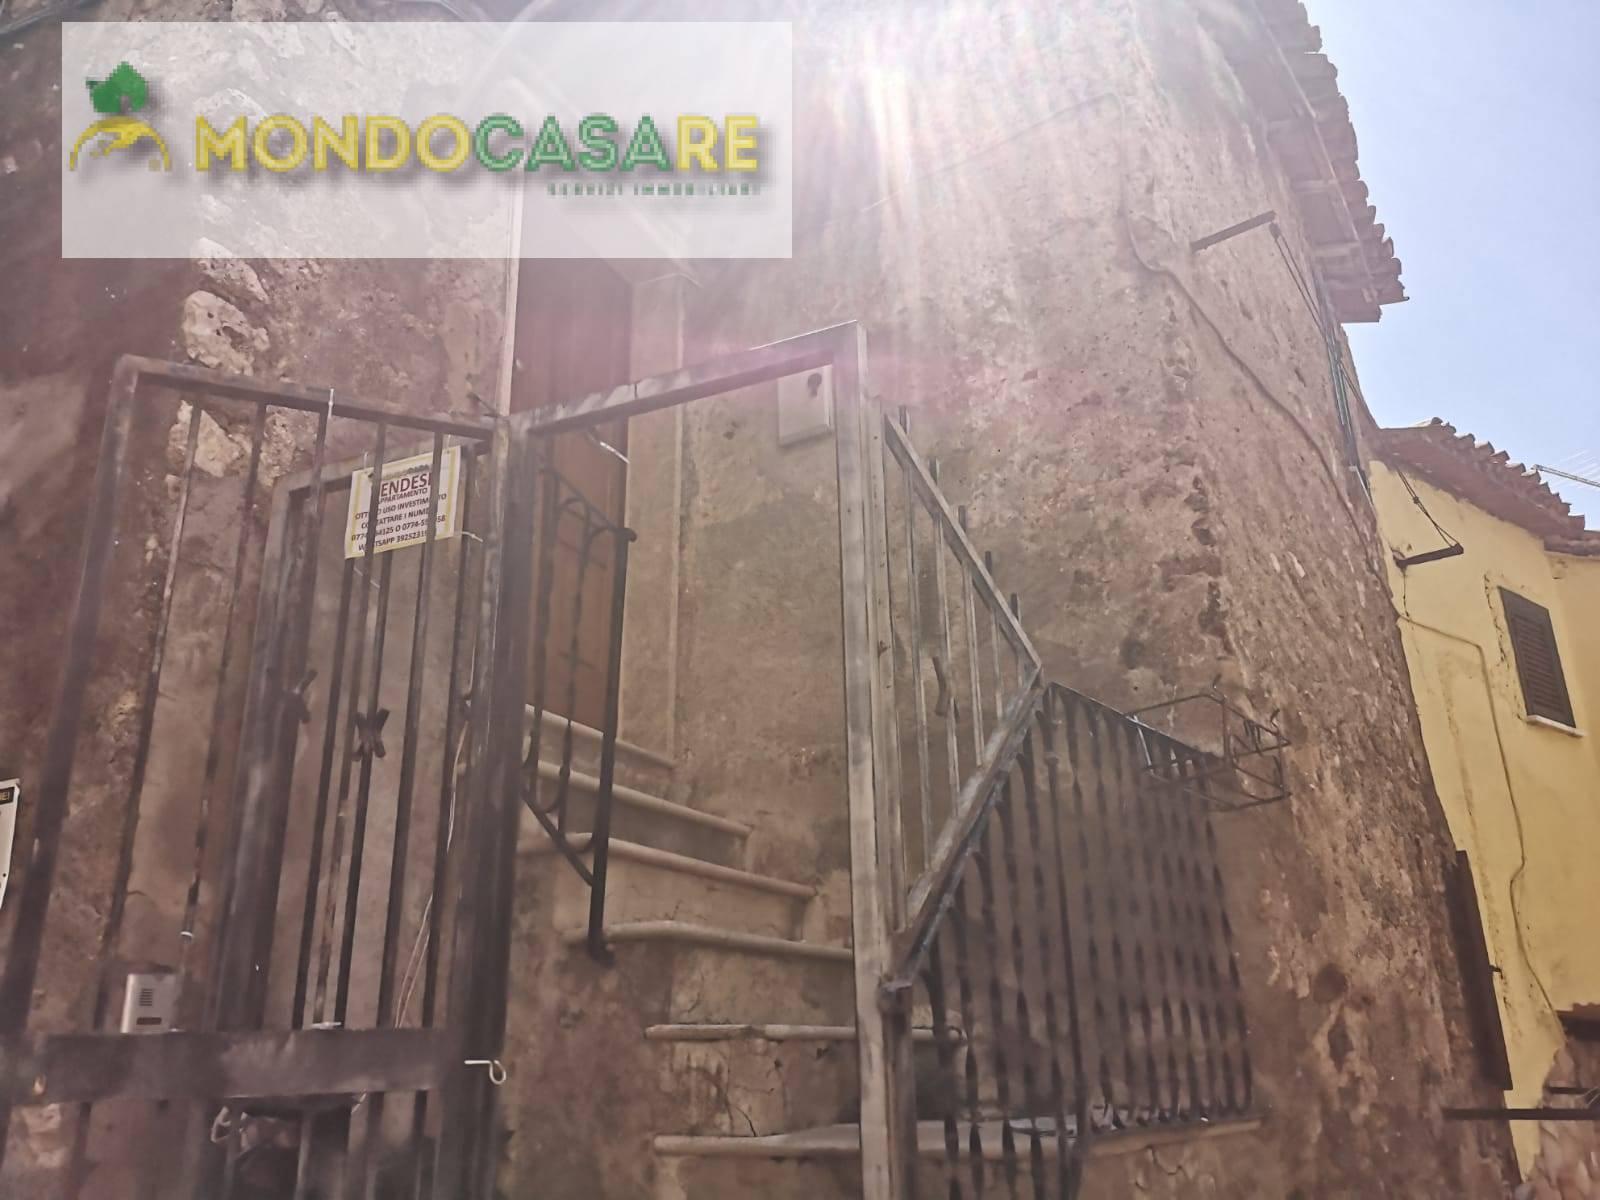 Appartamento in vendita a Palombara Sabina, 3 locali, zona Località: ZonaAPalombaraSabina, prezzo € 29.000 | CambioCasa.it